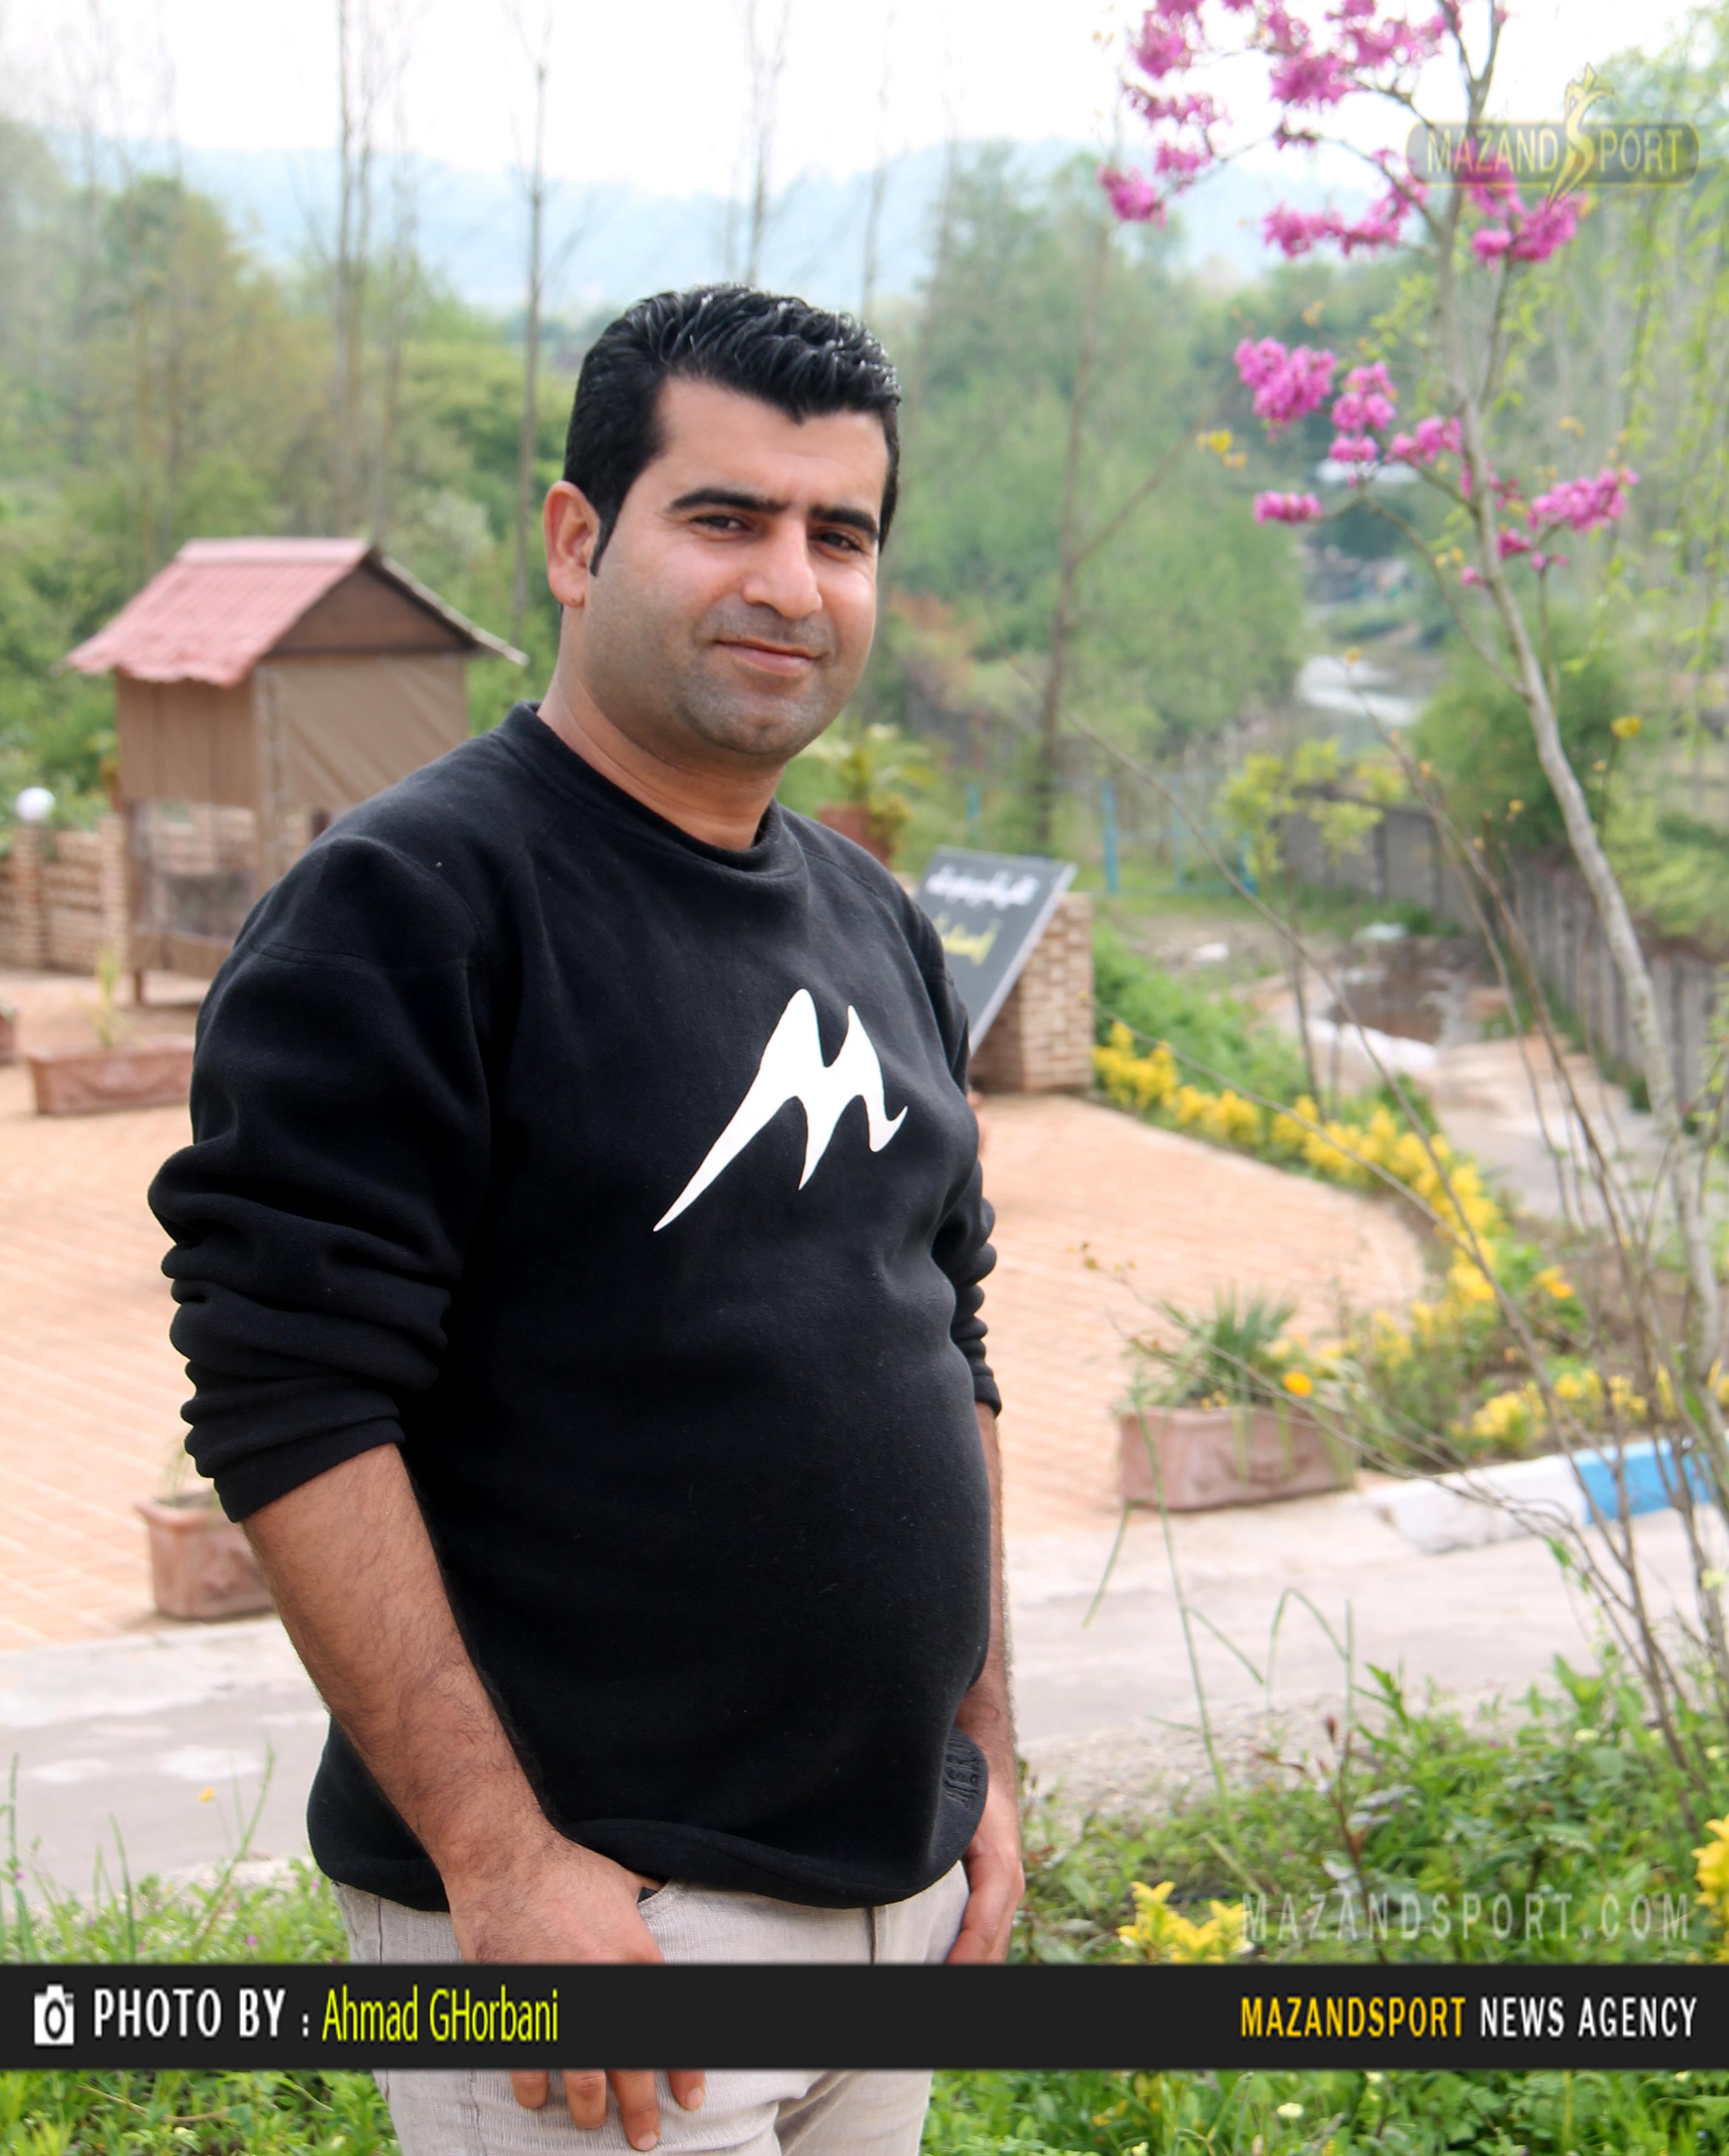 بابالنگ دراز ایرانی کشف شد/ برآورده شدن آرزوهای کودکانی که پولشان تحمل رویاهایشان را ندارد